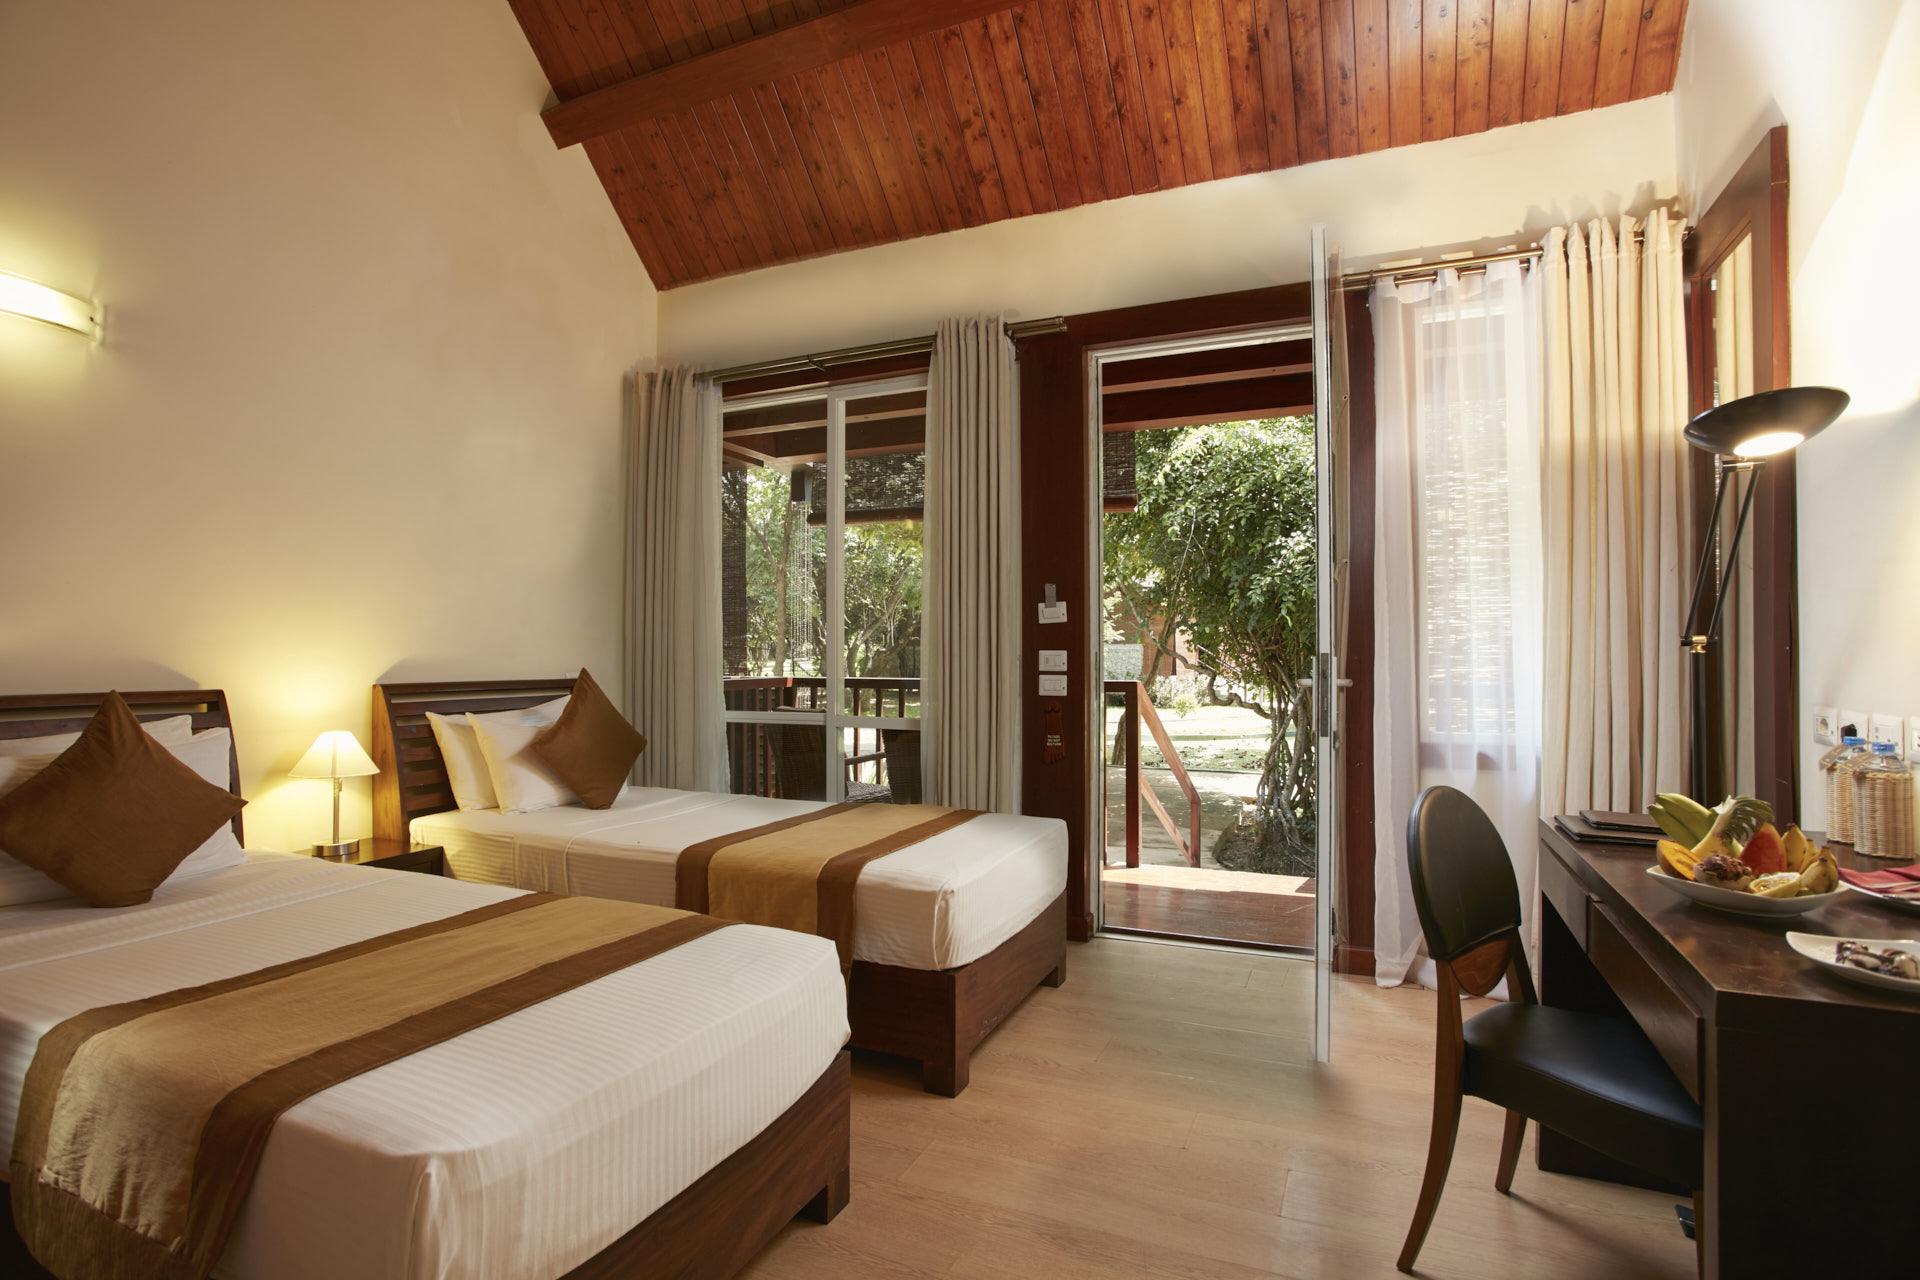 Barceló debuta en Sri Lanka con la apertura de un primer hotel de 67 habitaciones